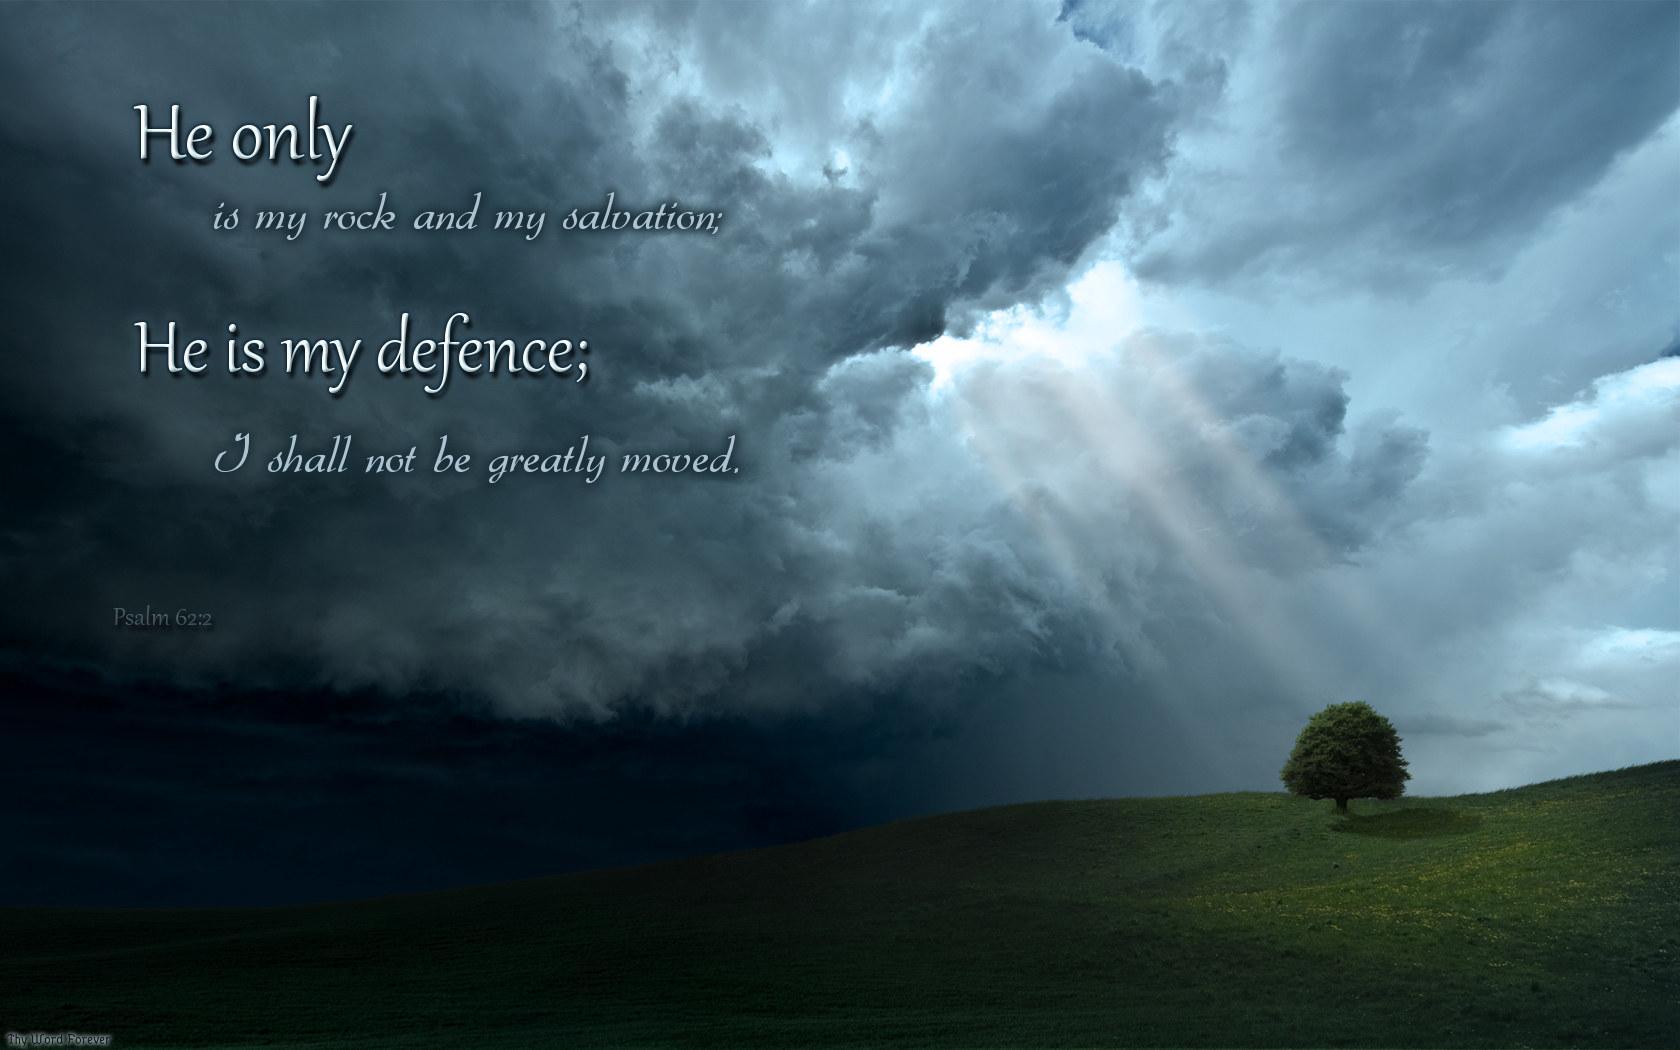 Αποτέλεσμα εικόνας για psalms 62